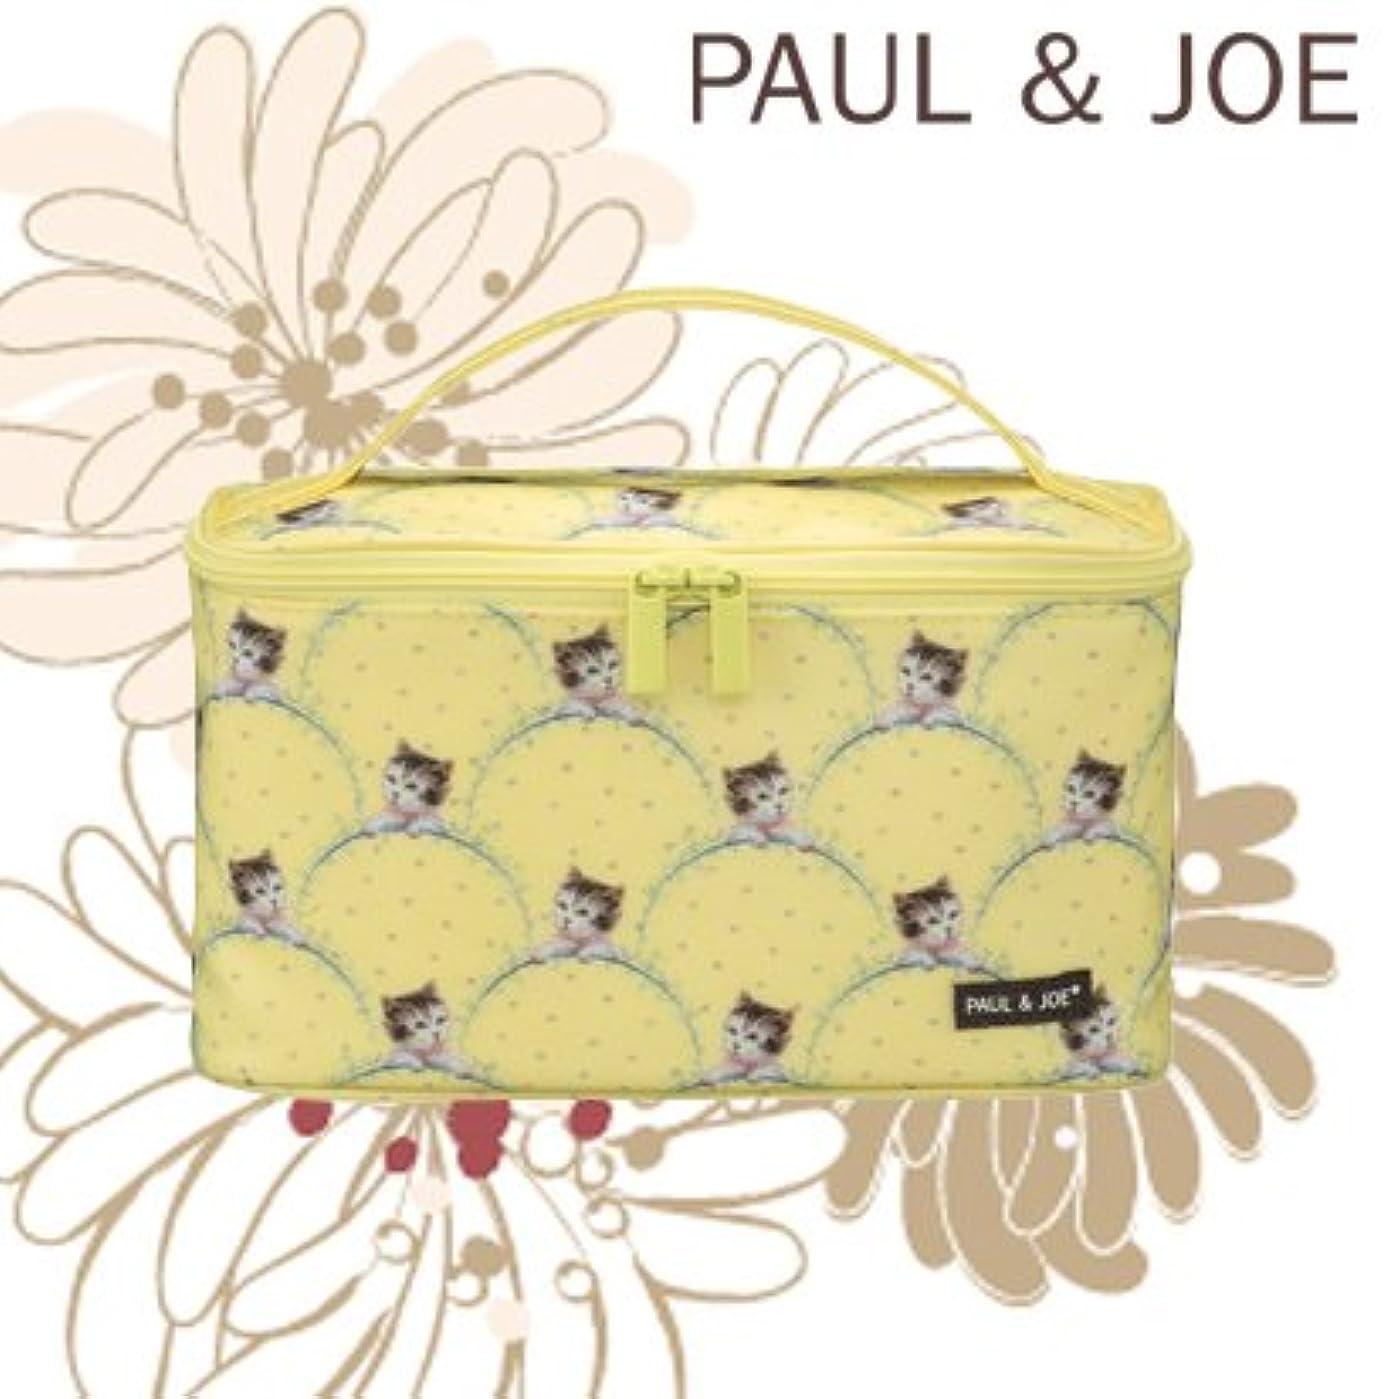 スコットランド人書士代数的ポール&ジョー コスメティック ポーチ II 猫柄 -PAUL&JOE-【並行輸入品】